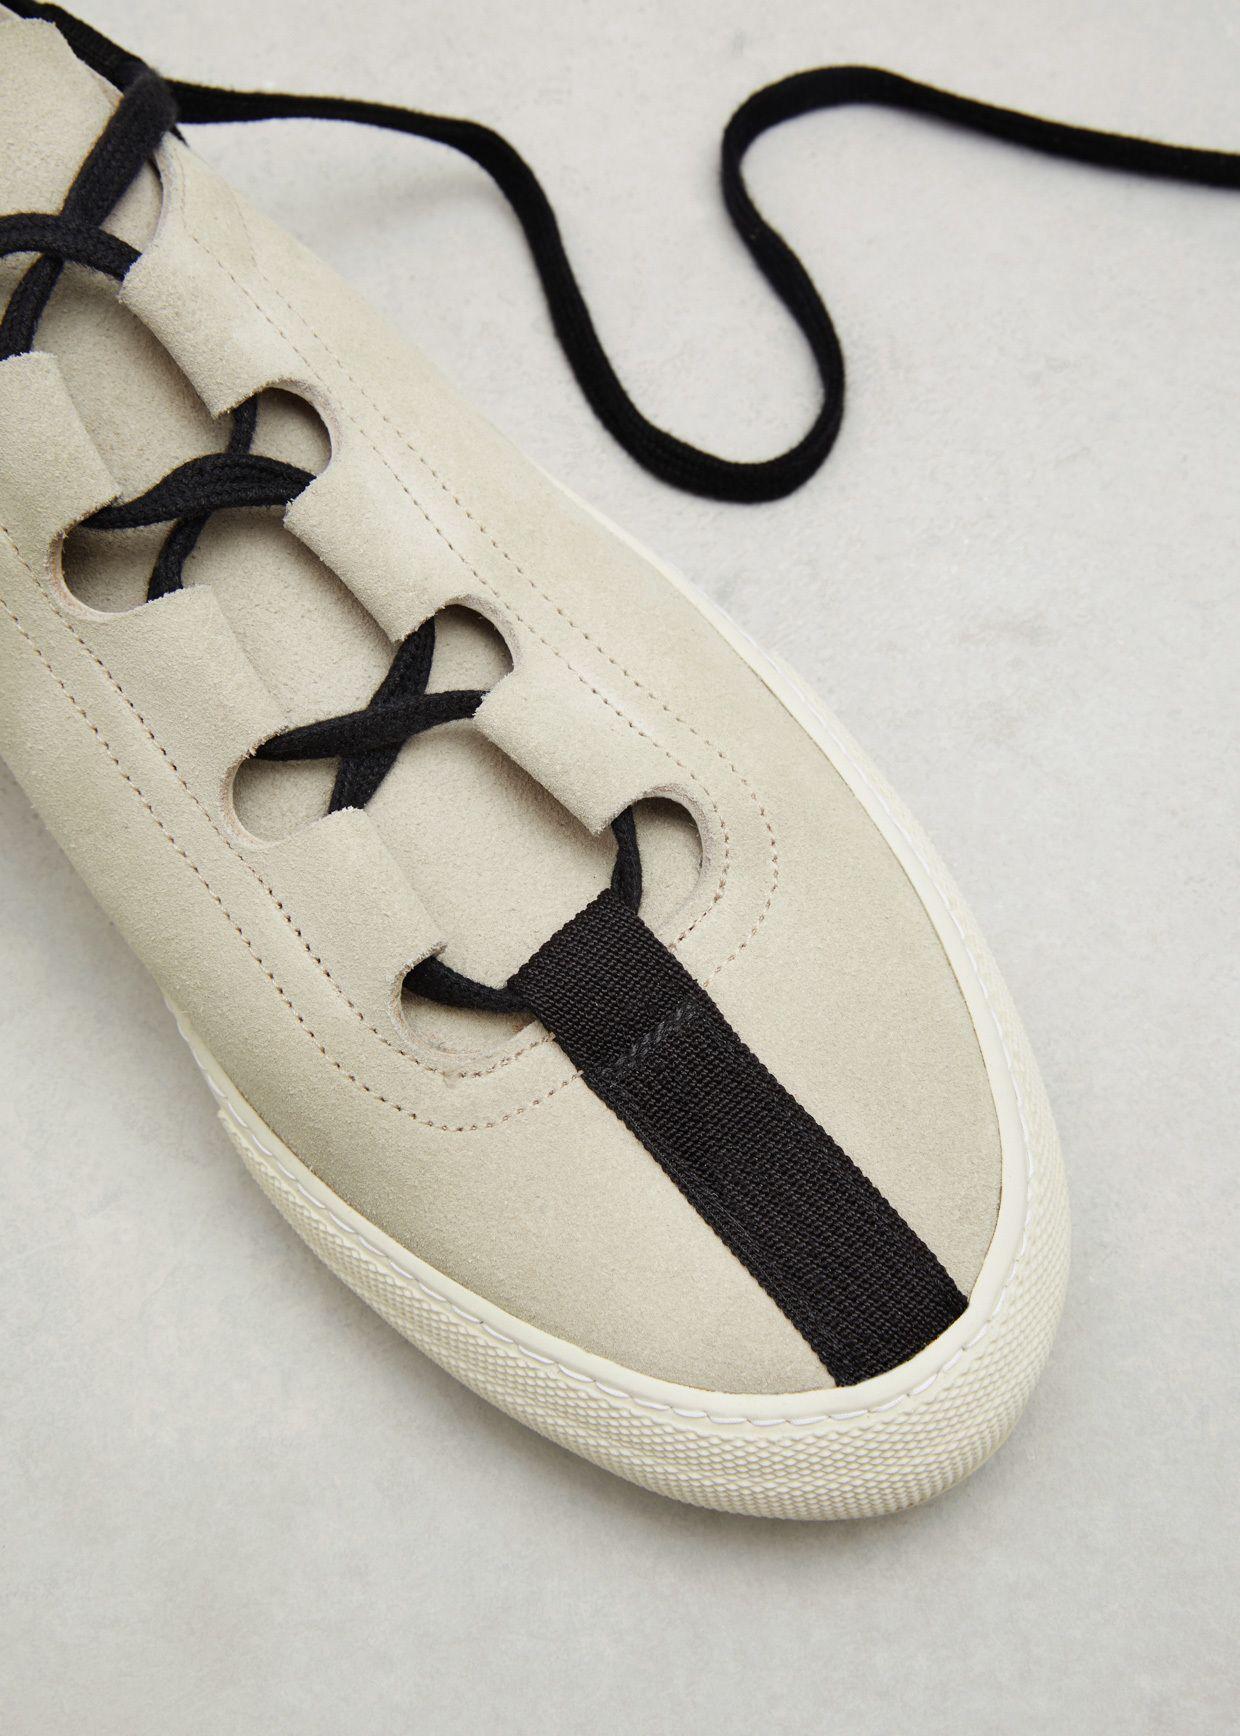 Dries Van Noten Suede Ballet Shoes Ecru Sport Shoes Design Shoes Mens Shoes